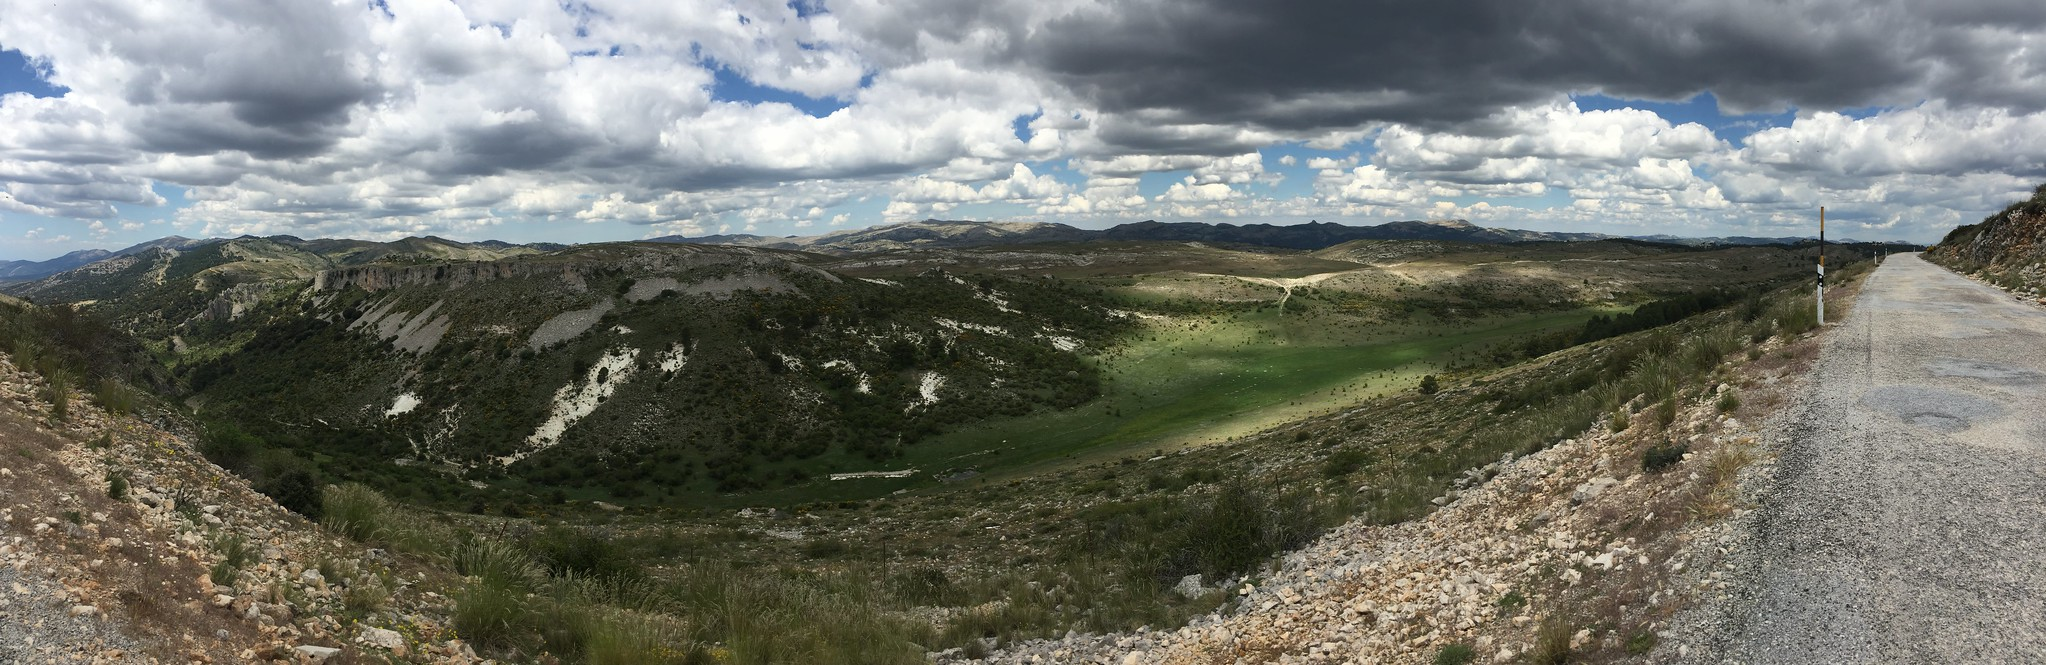 Entramos en otro mundo: la Sierra se despliega frente a nuestros ojos